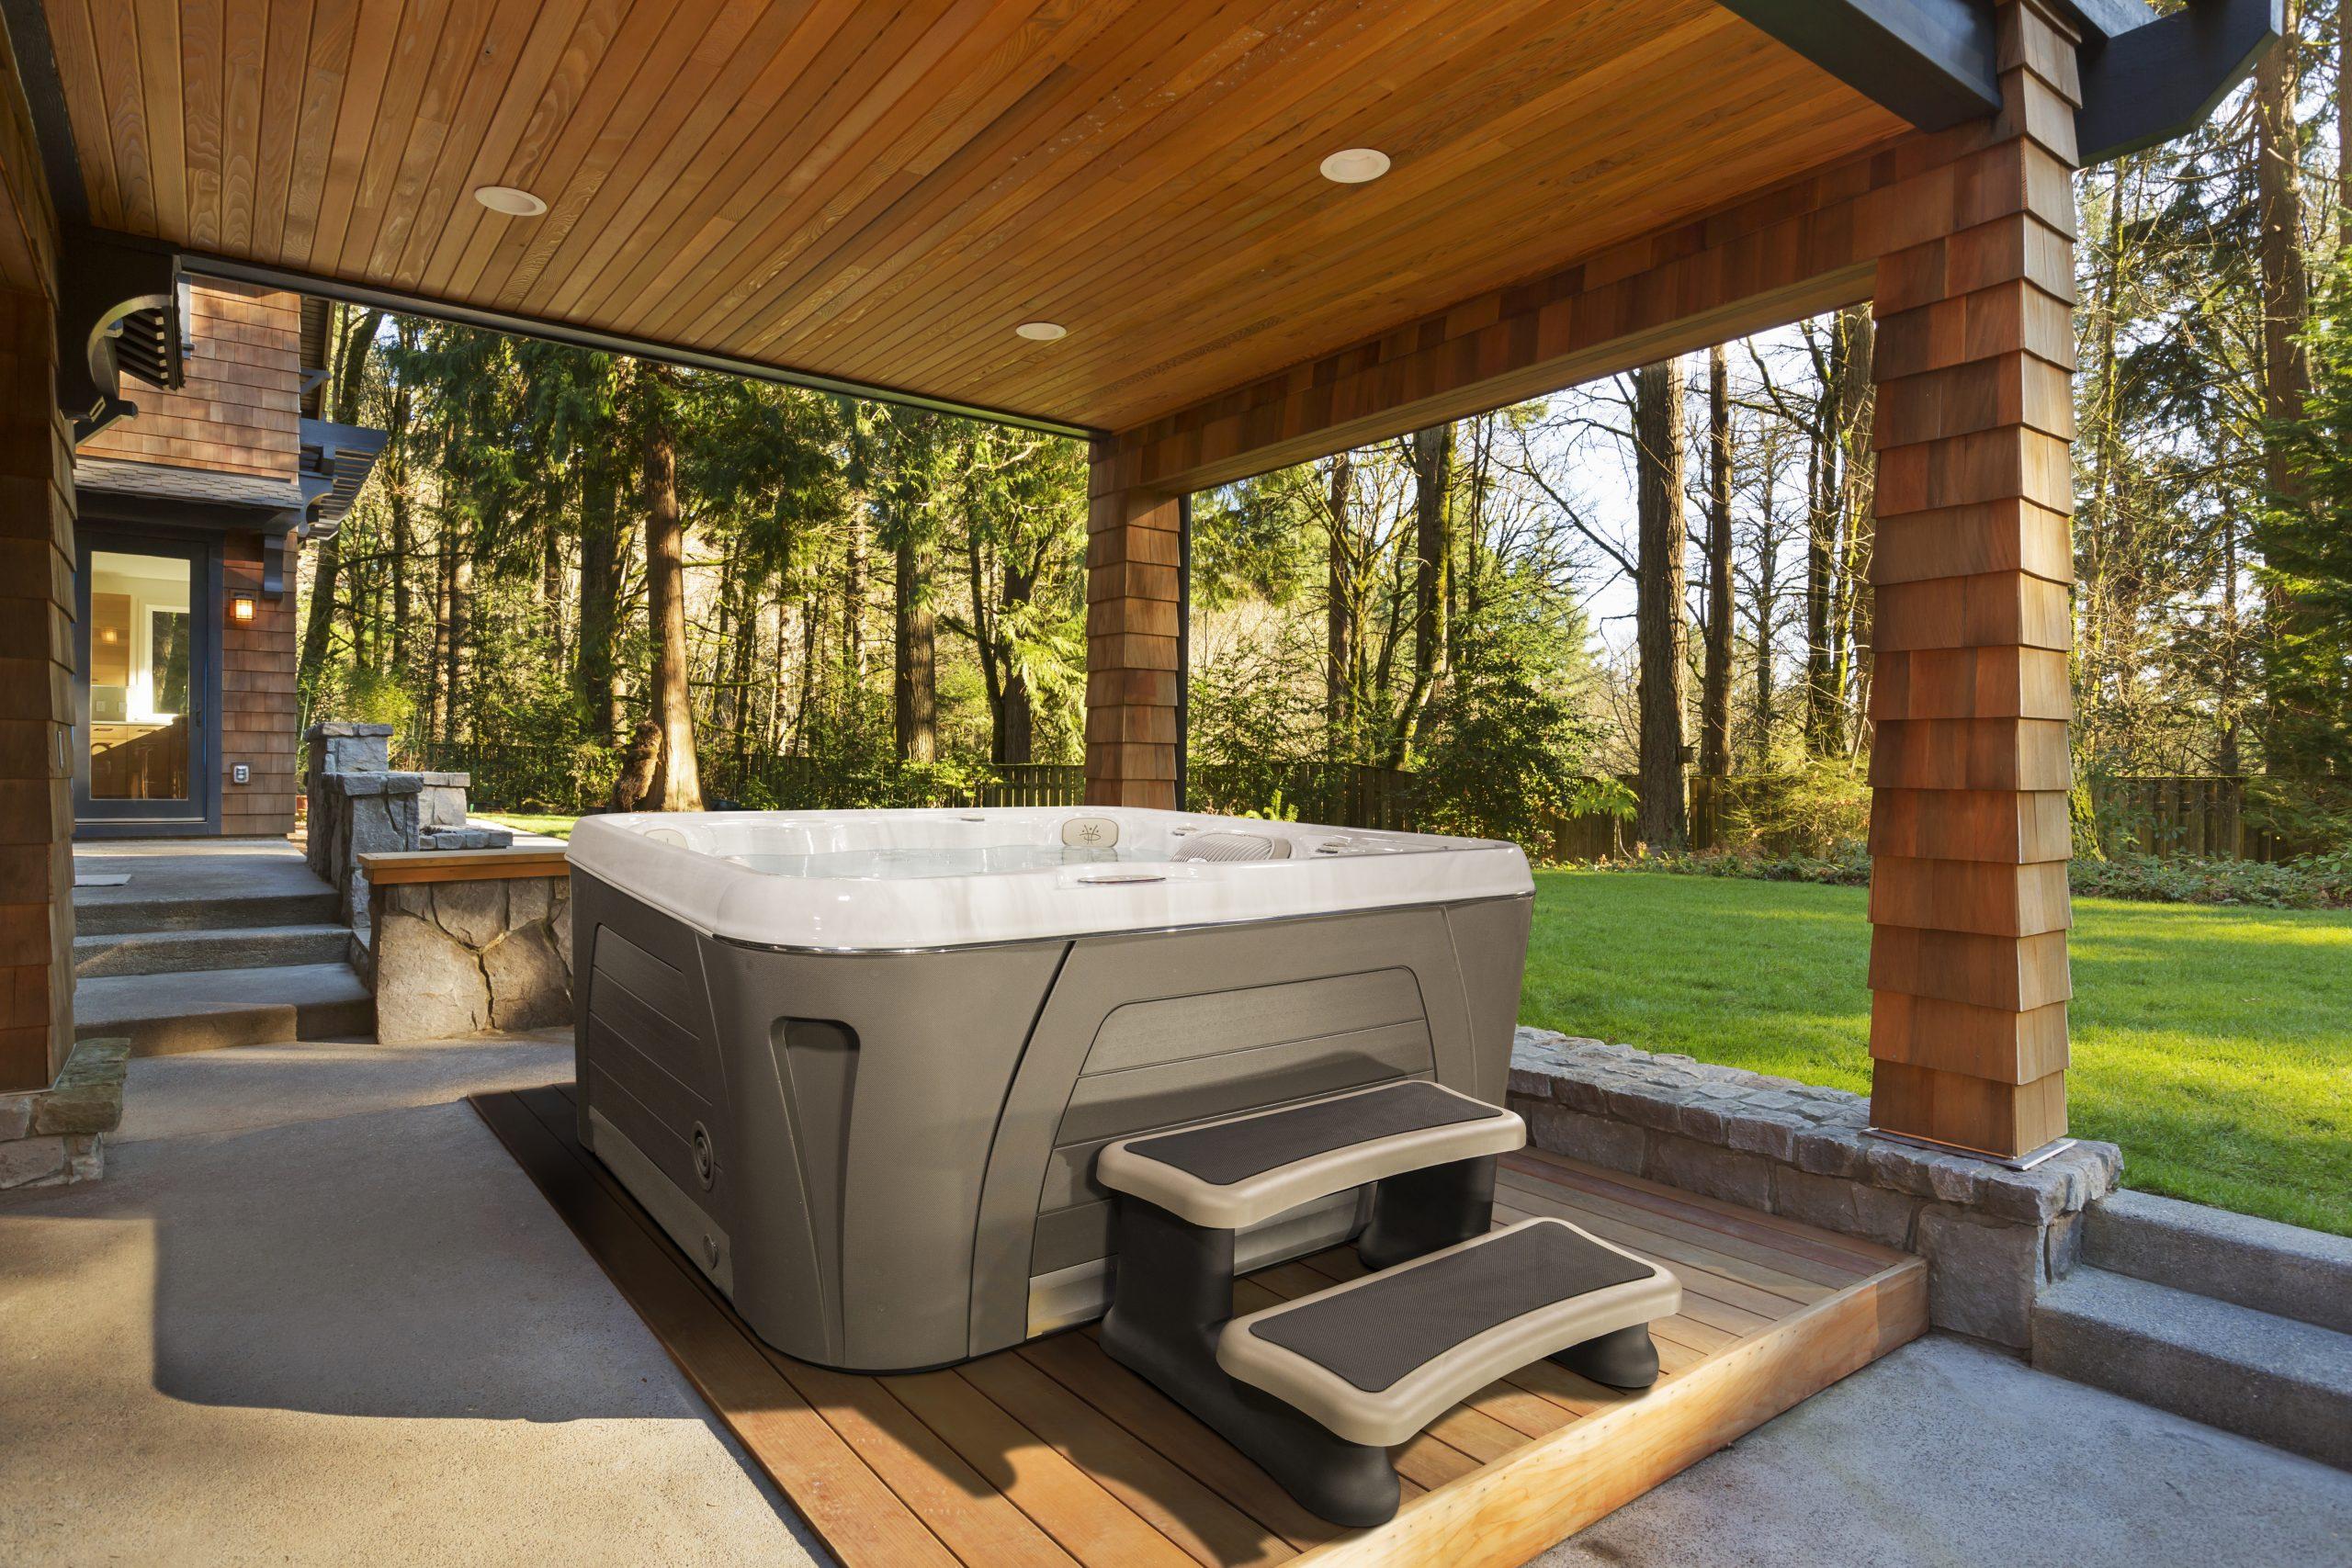 Hydropool Serenity installed on decking under pergoda in amazing garden